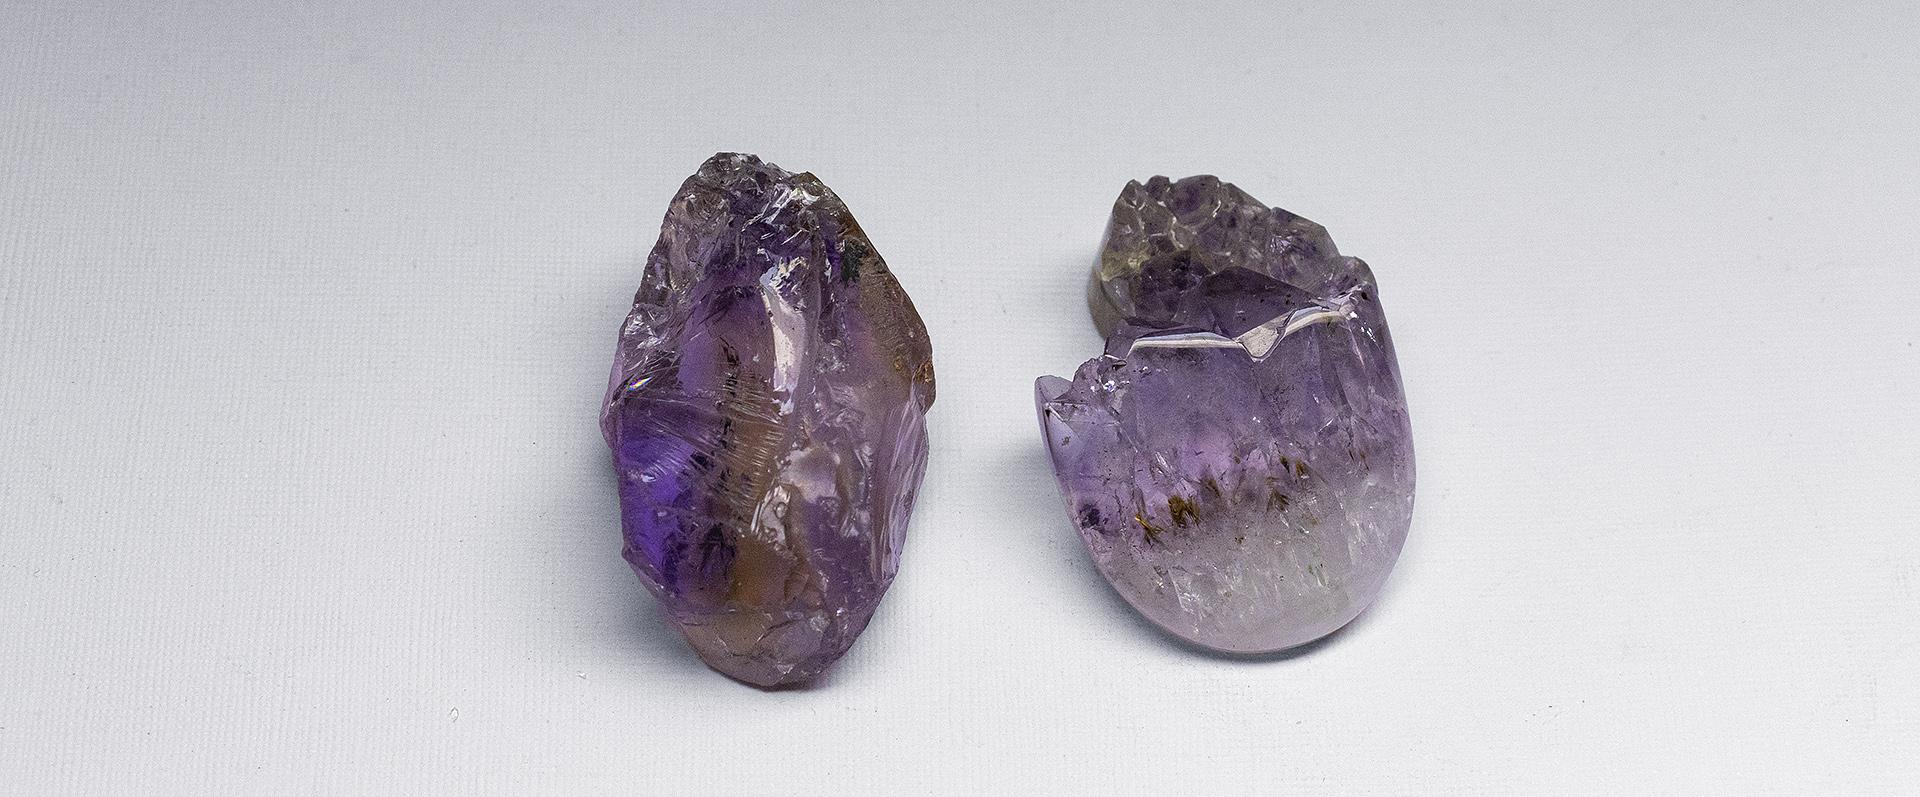 Что можно и нужно предложить клиенту при покупке камней